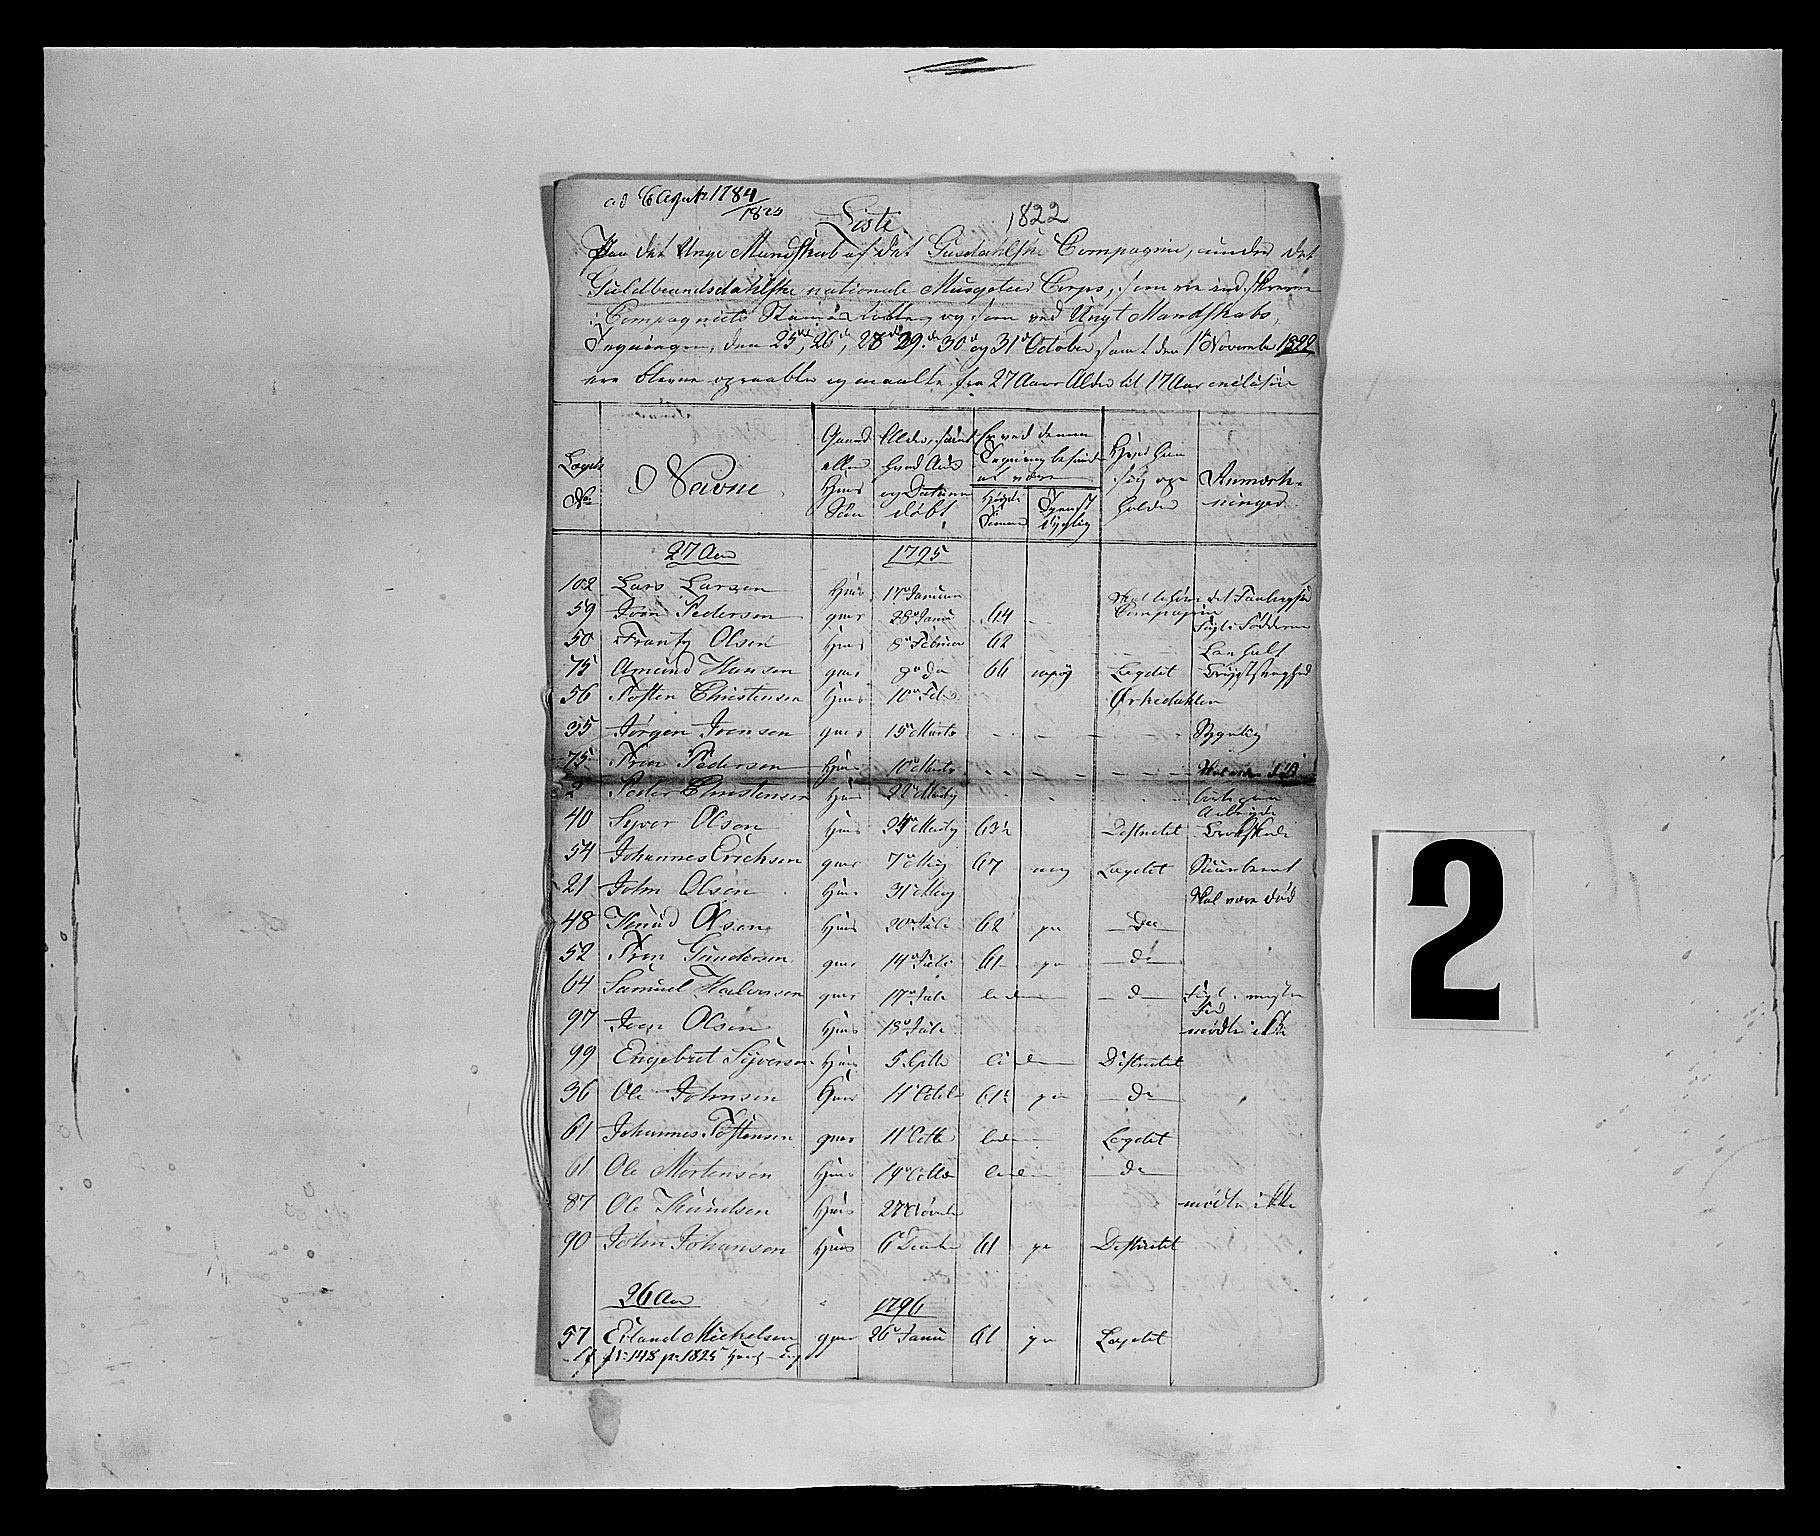 SAH, Fylkesmannen i Oppland, K/Ka/L1155: Gudbrandsdalen nasjonale musketérkorps - Gausdalske kompani, 3. og 4. divisjon av Opland landvernsbataljon, 1818-1860, s. 12